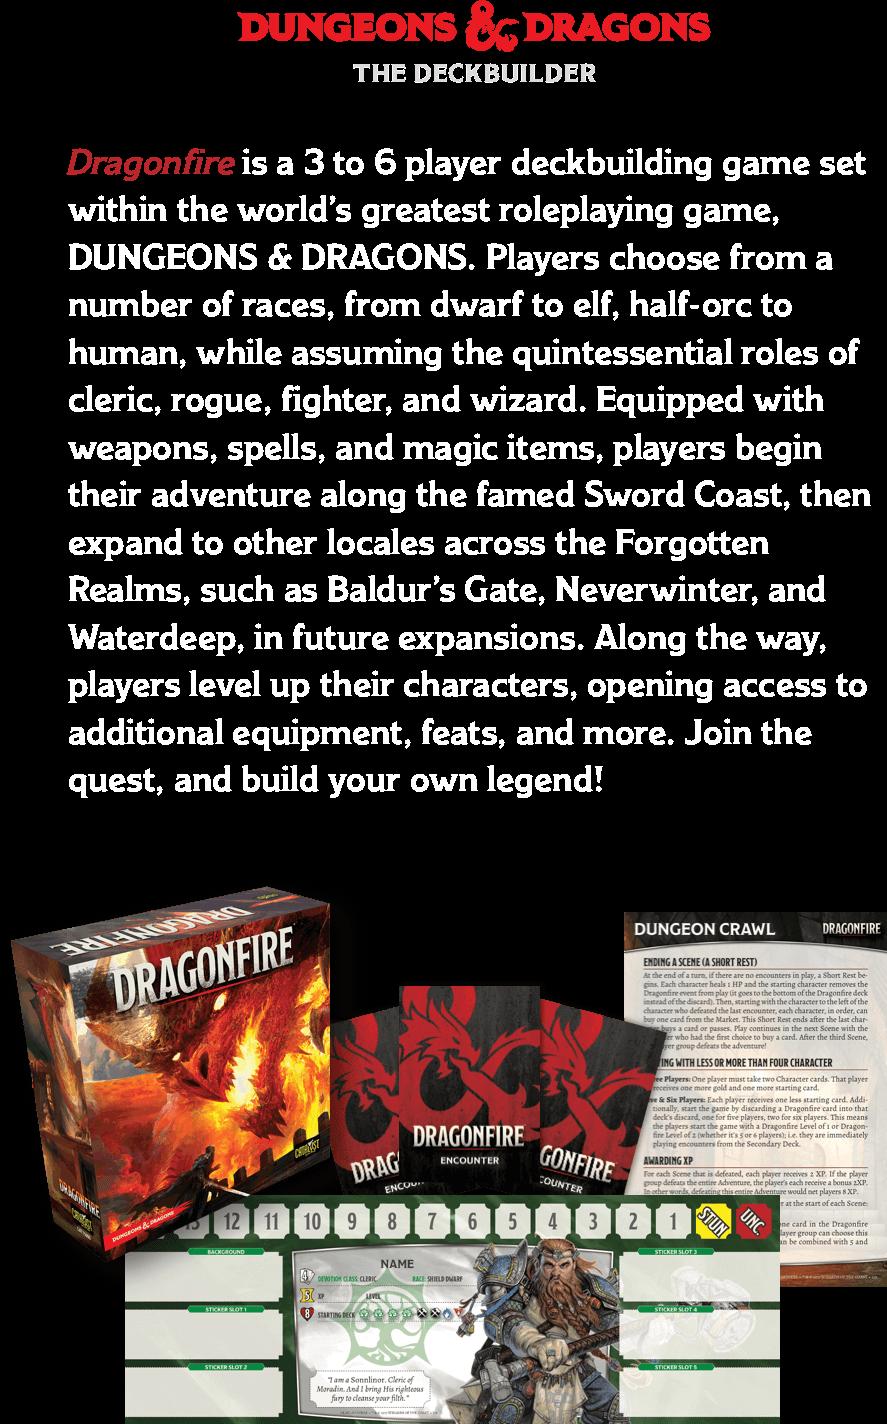 DUNGEONS & DRAGONS Dragonfire deckbuilding game